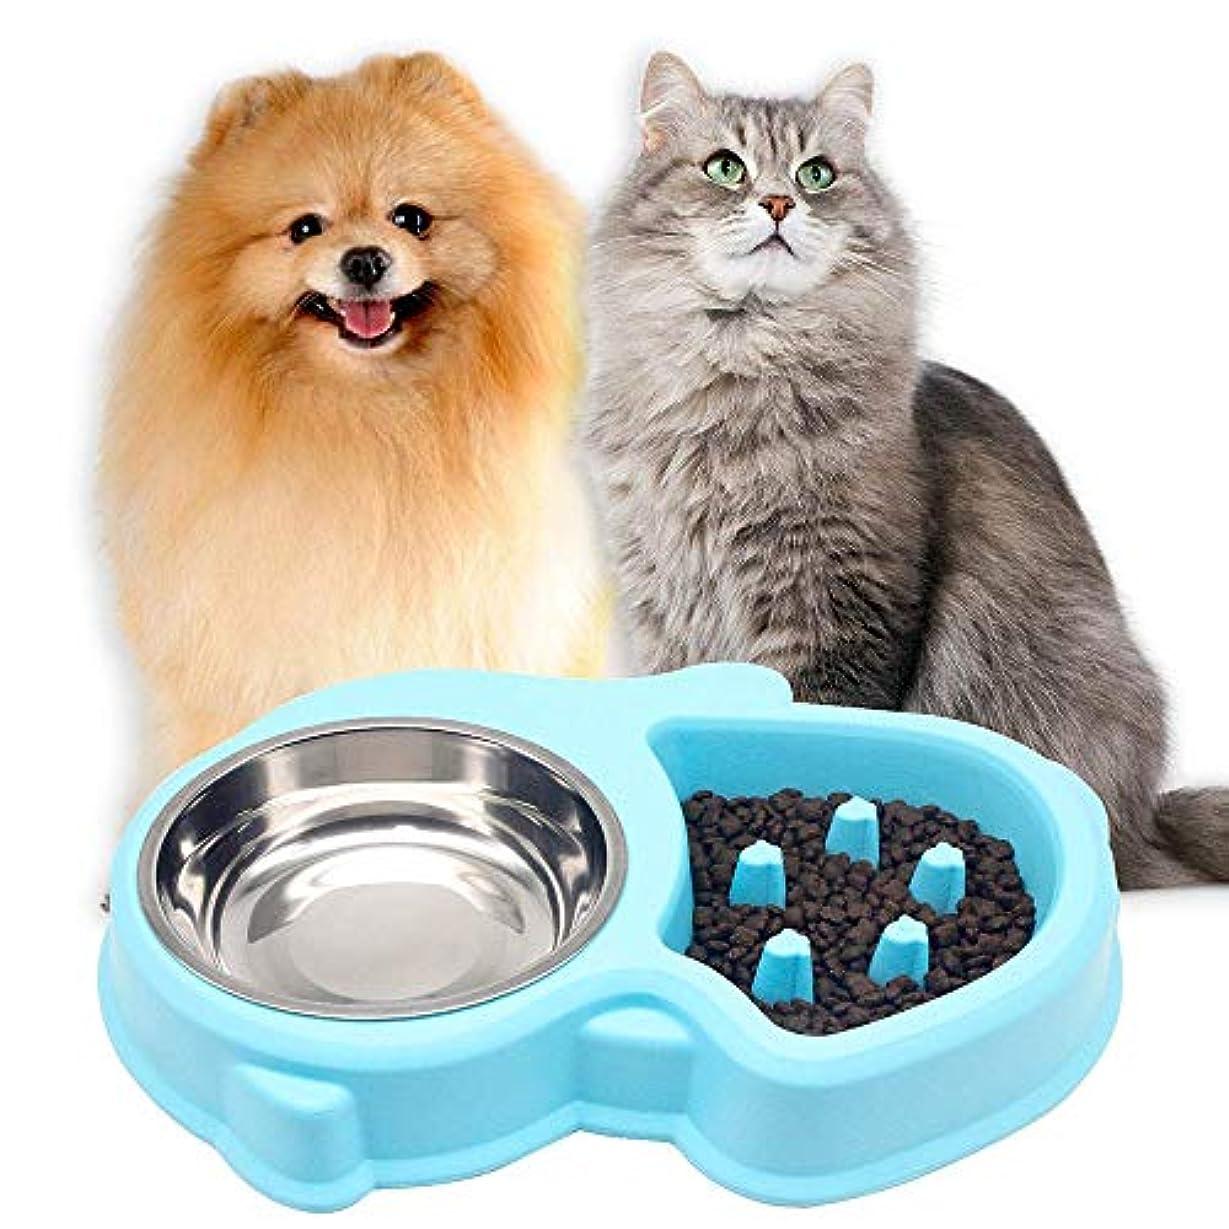 ブルーペット食器 猫 えさ 皿 犬の餌 ペット用品 ト用 早食い防止食器 さえ 犬猫用フードボウル ペッ皿 過剰給餌防止 肥満解消